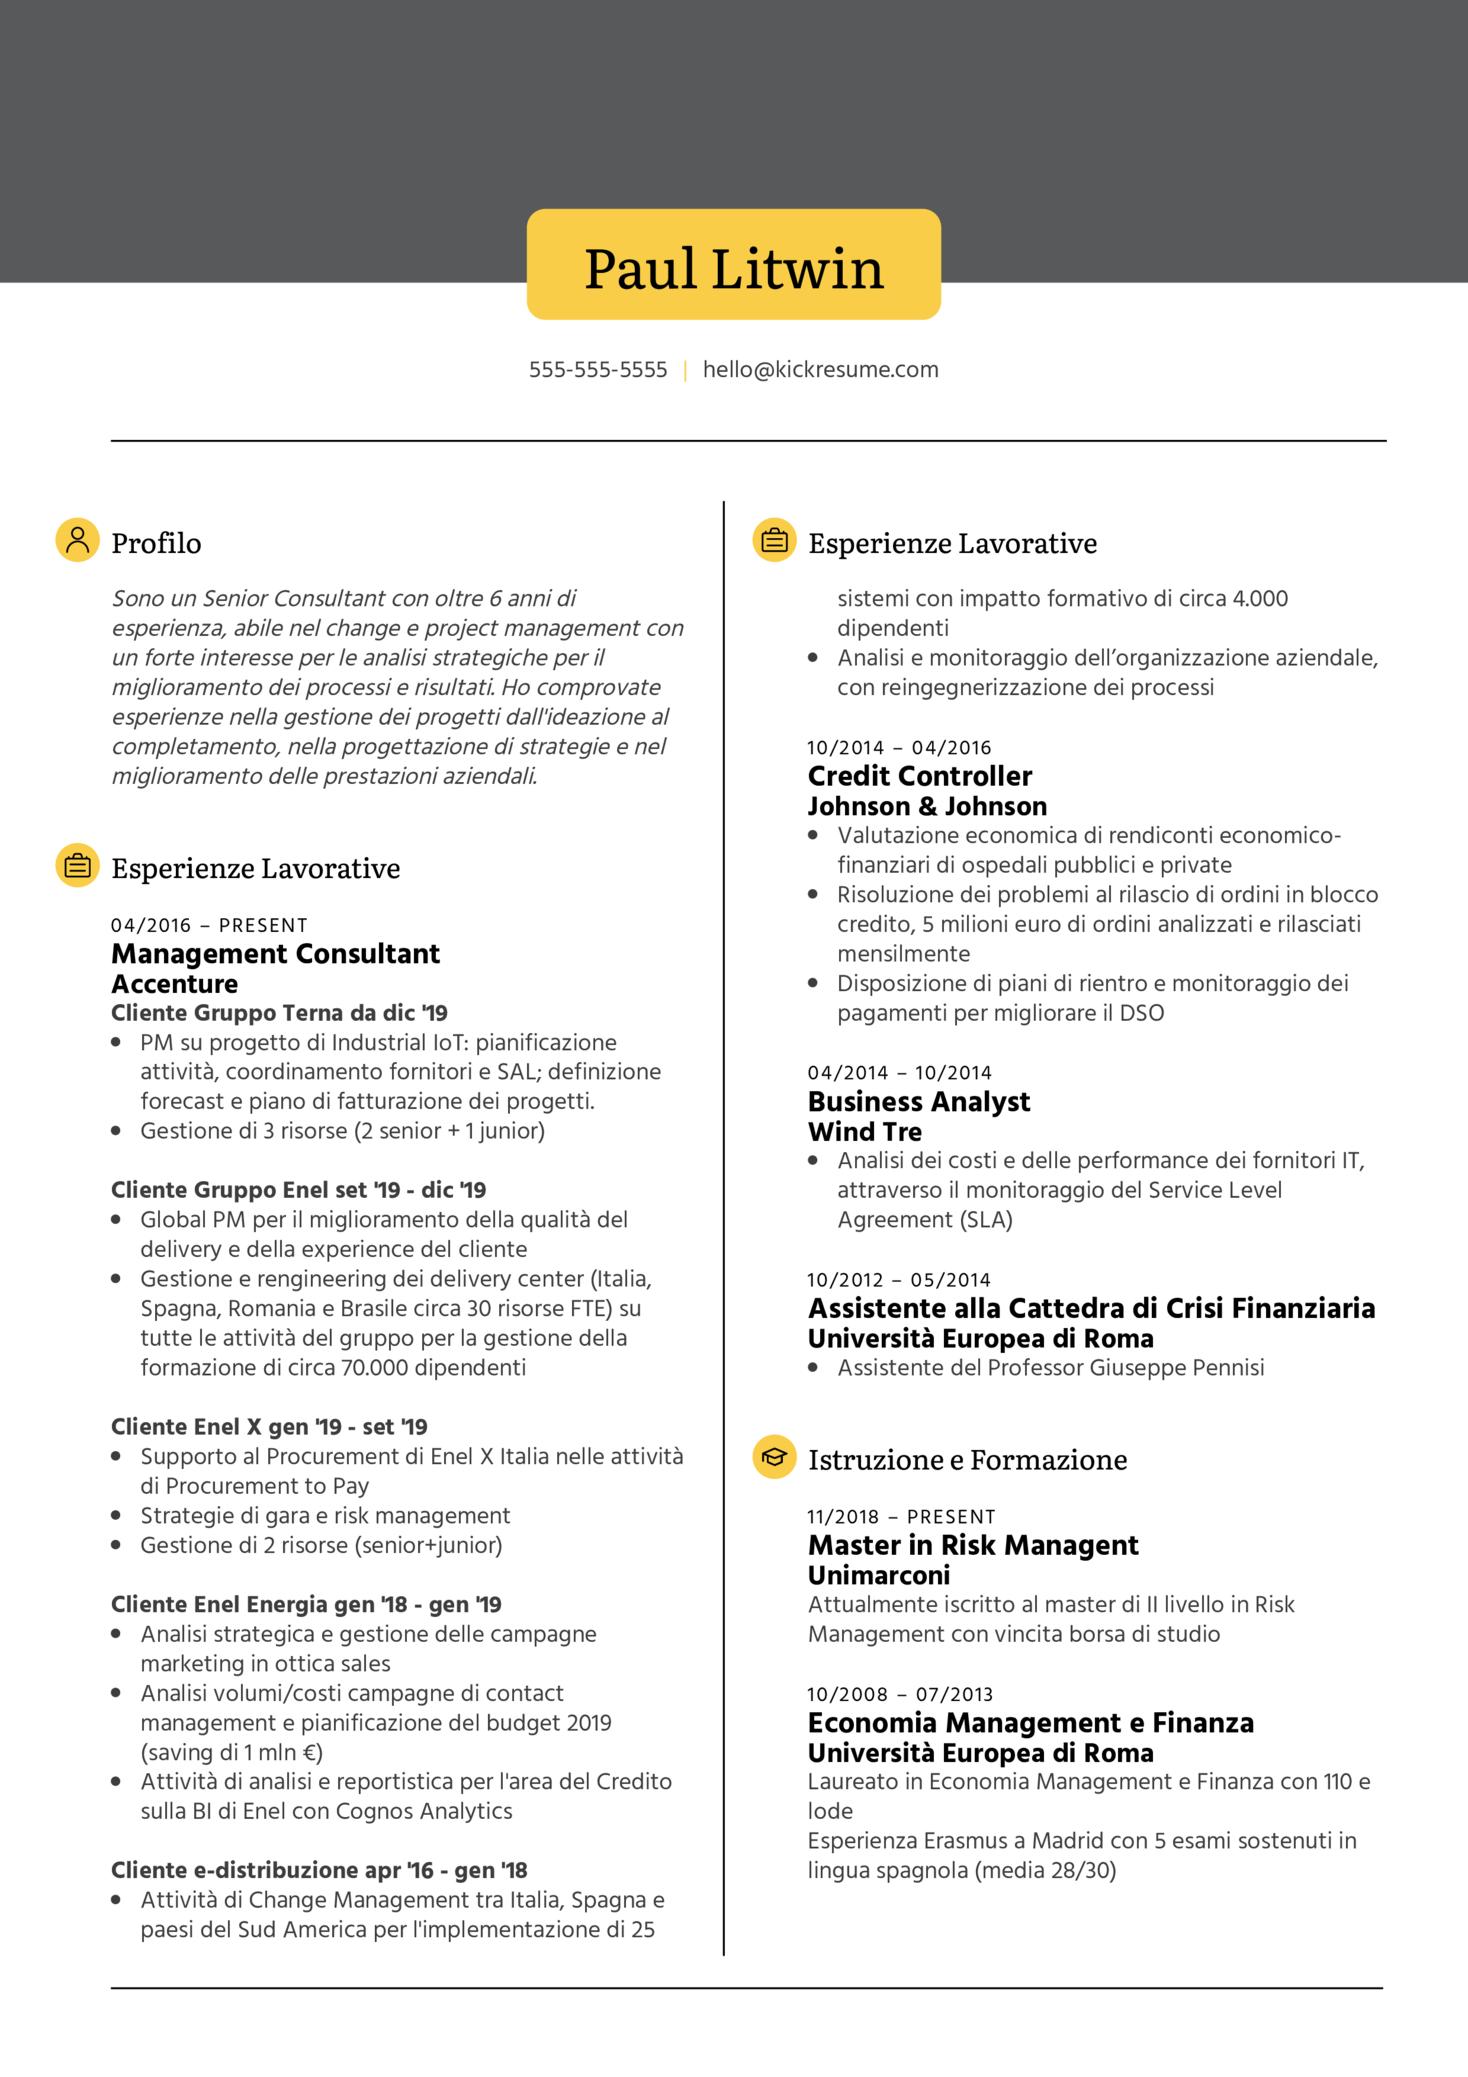 Procurement Specialist at Eni Resume Sample [IT] (Part 1)